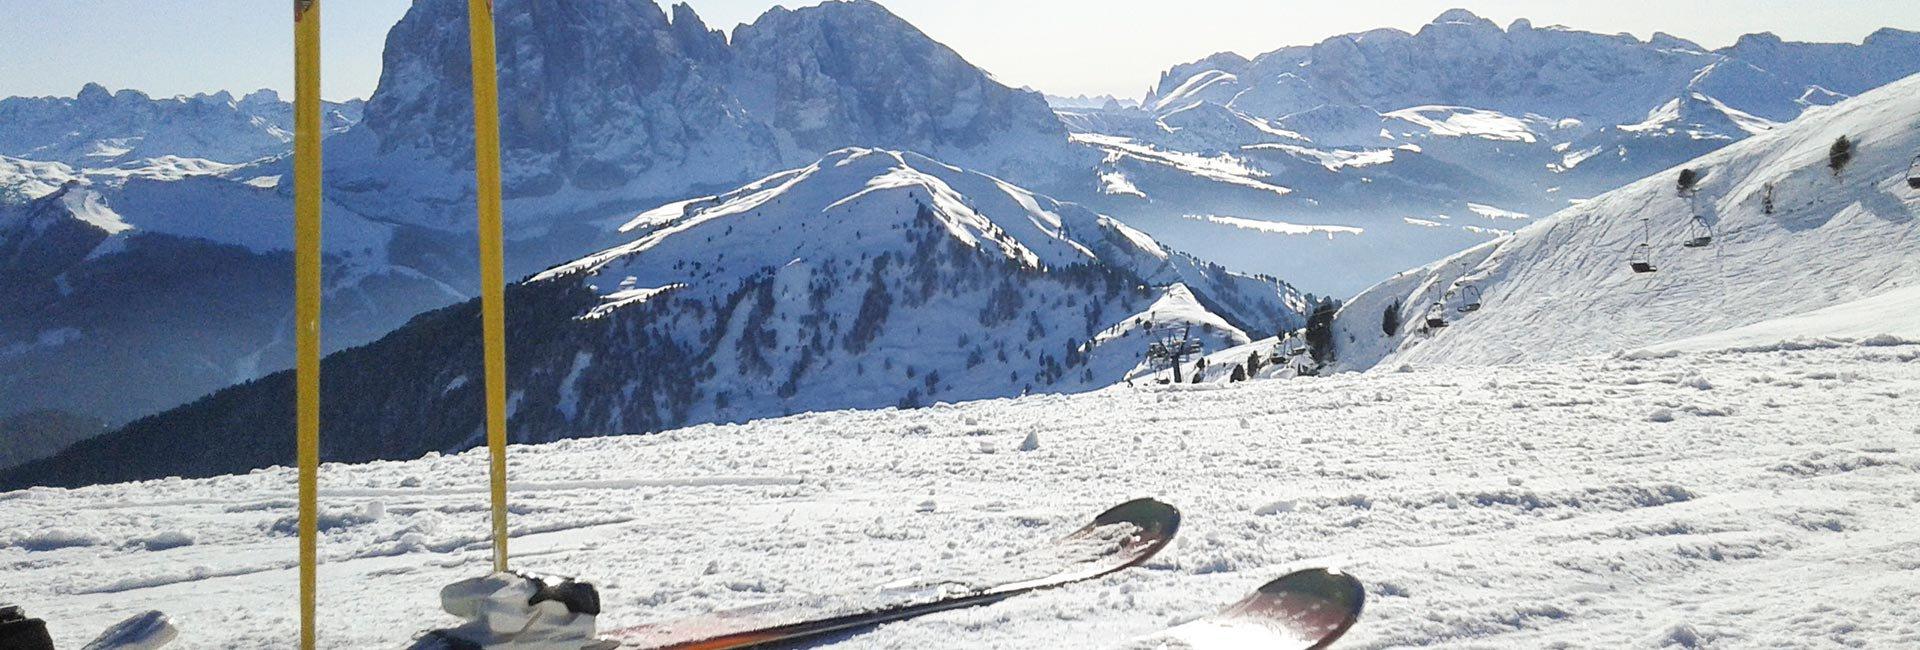 winterurlaub-in-suedtirol-5